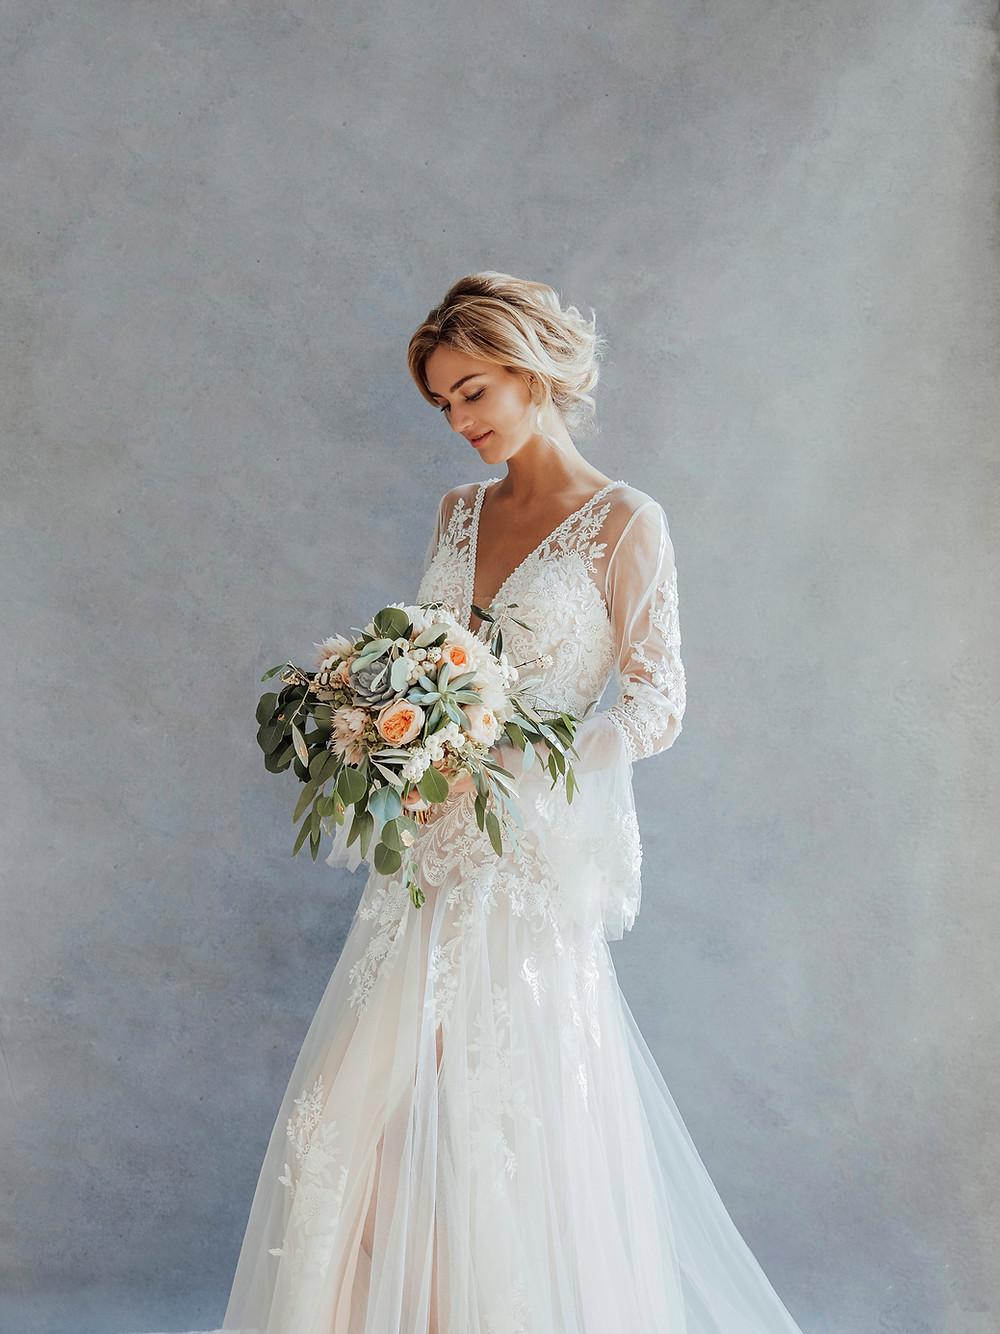 Hochzeit in Weiss